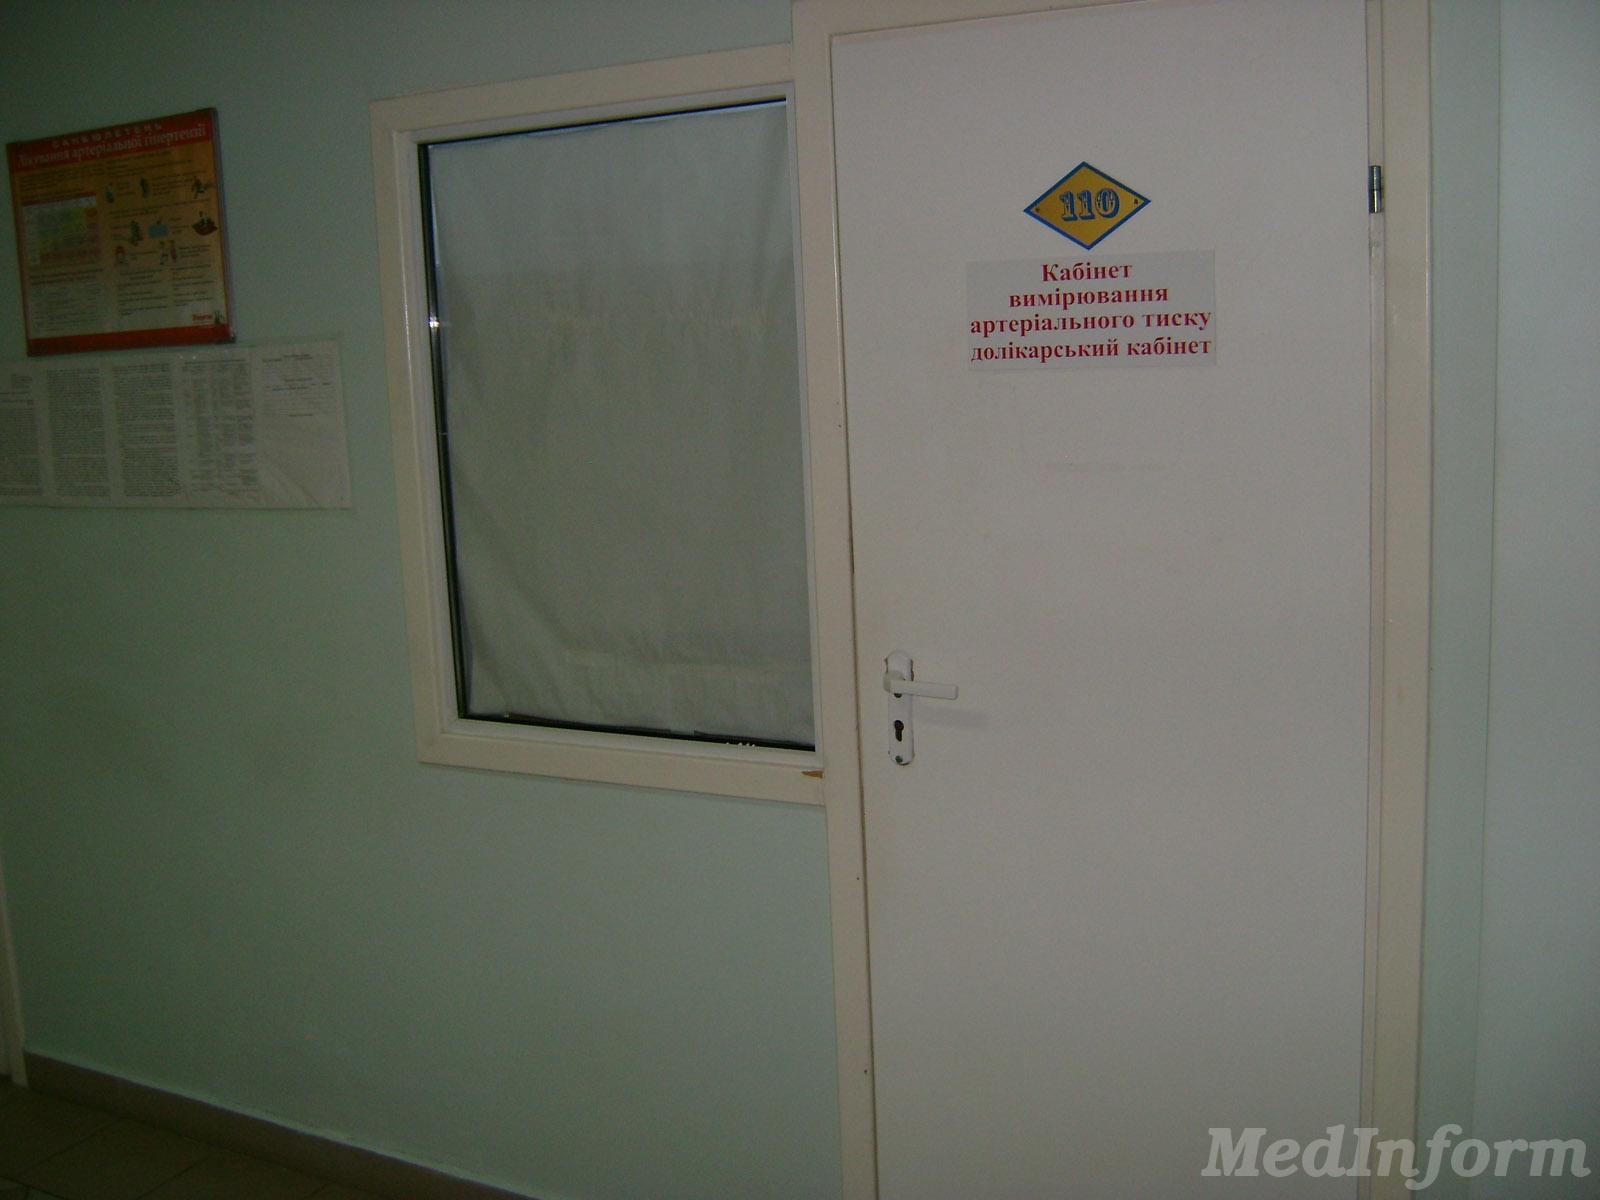 Время работы столовой в больнице